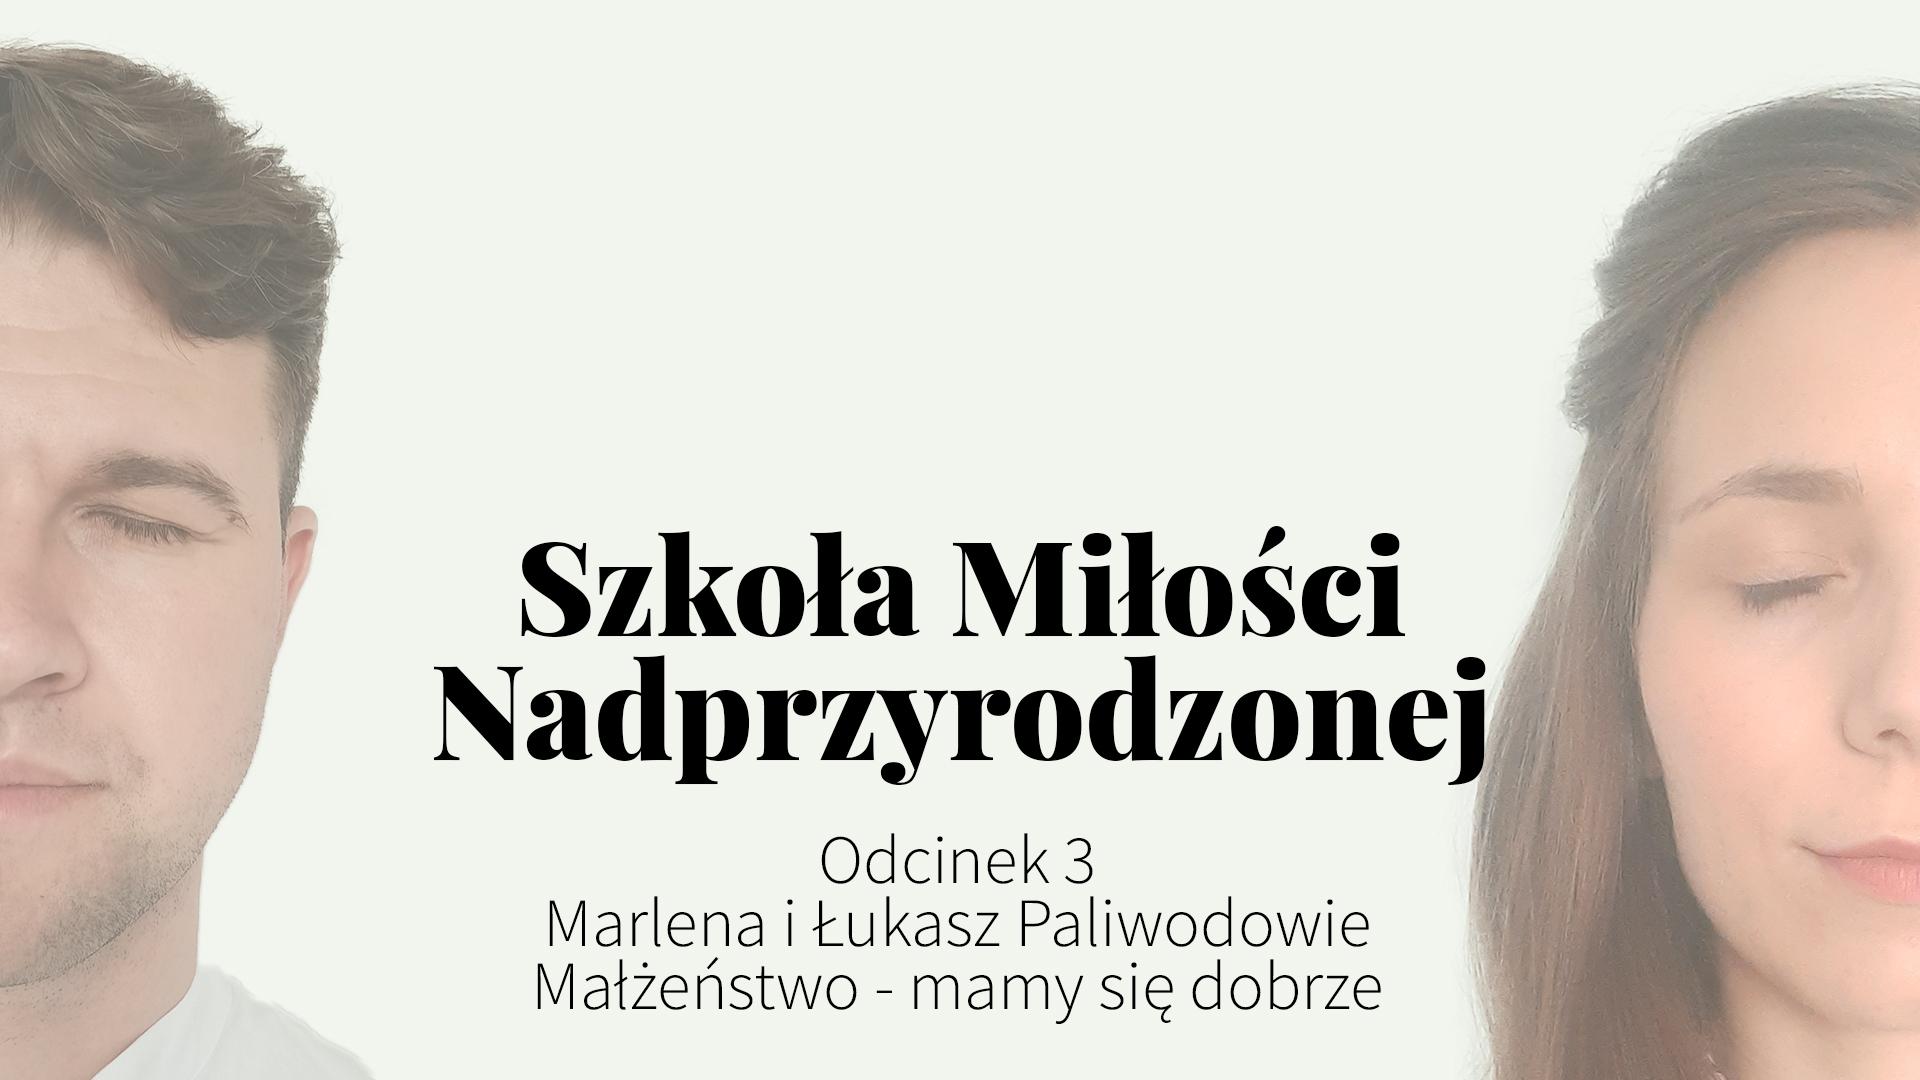 Marlena i Łukasz Paliwodowie, Małżeństwo - Mamy się dobrze /// Szkoła Miłości Nadprzyrodzonej